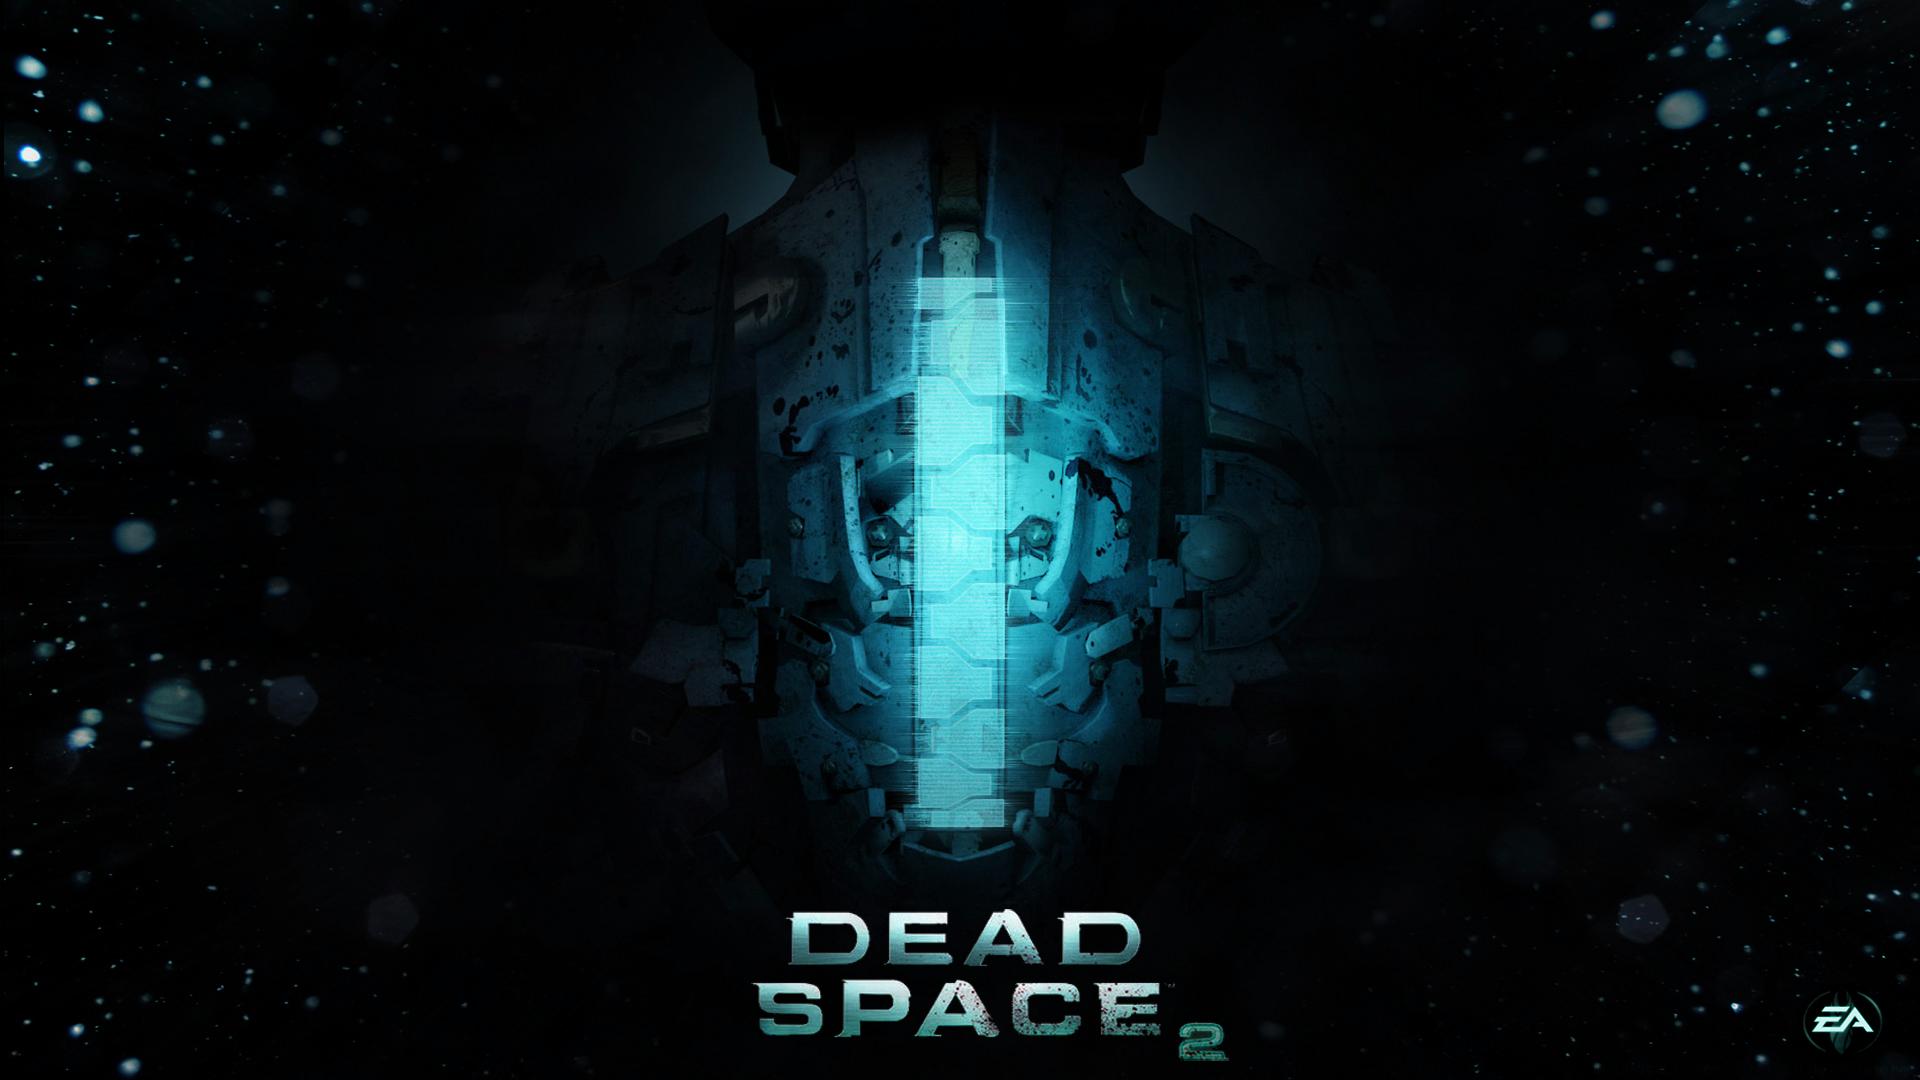 Dead space 2 1080p by ultimattehd on deviantart - Dead space 2 wallpaper 1080p ...